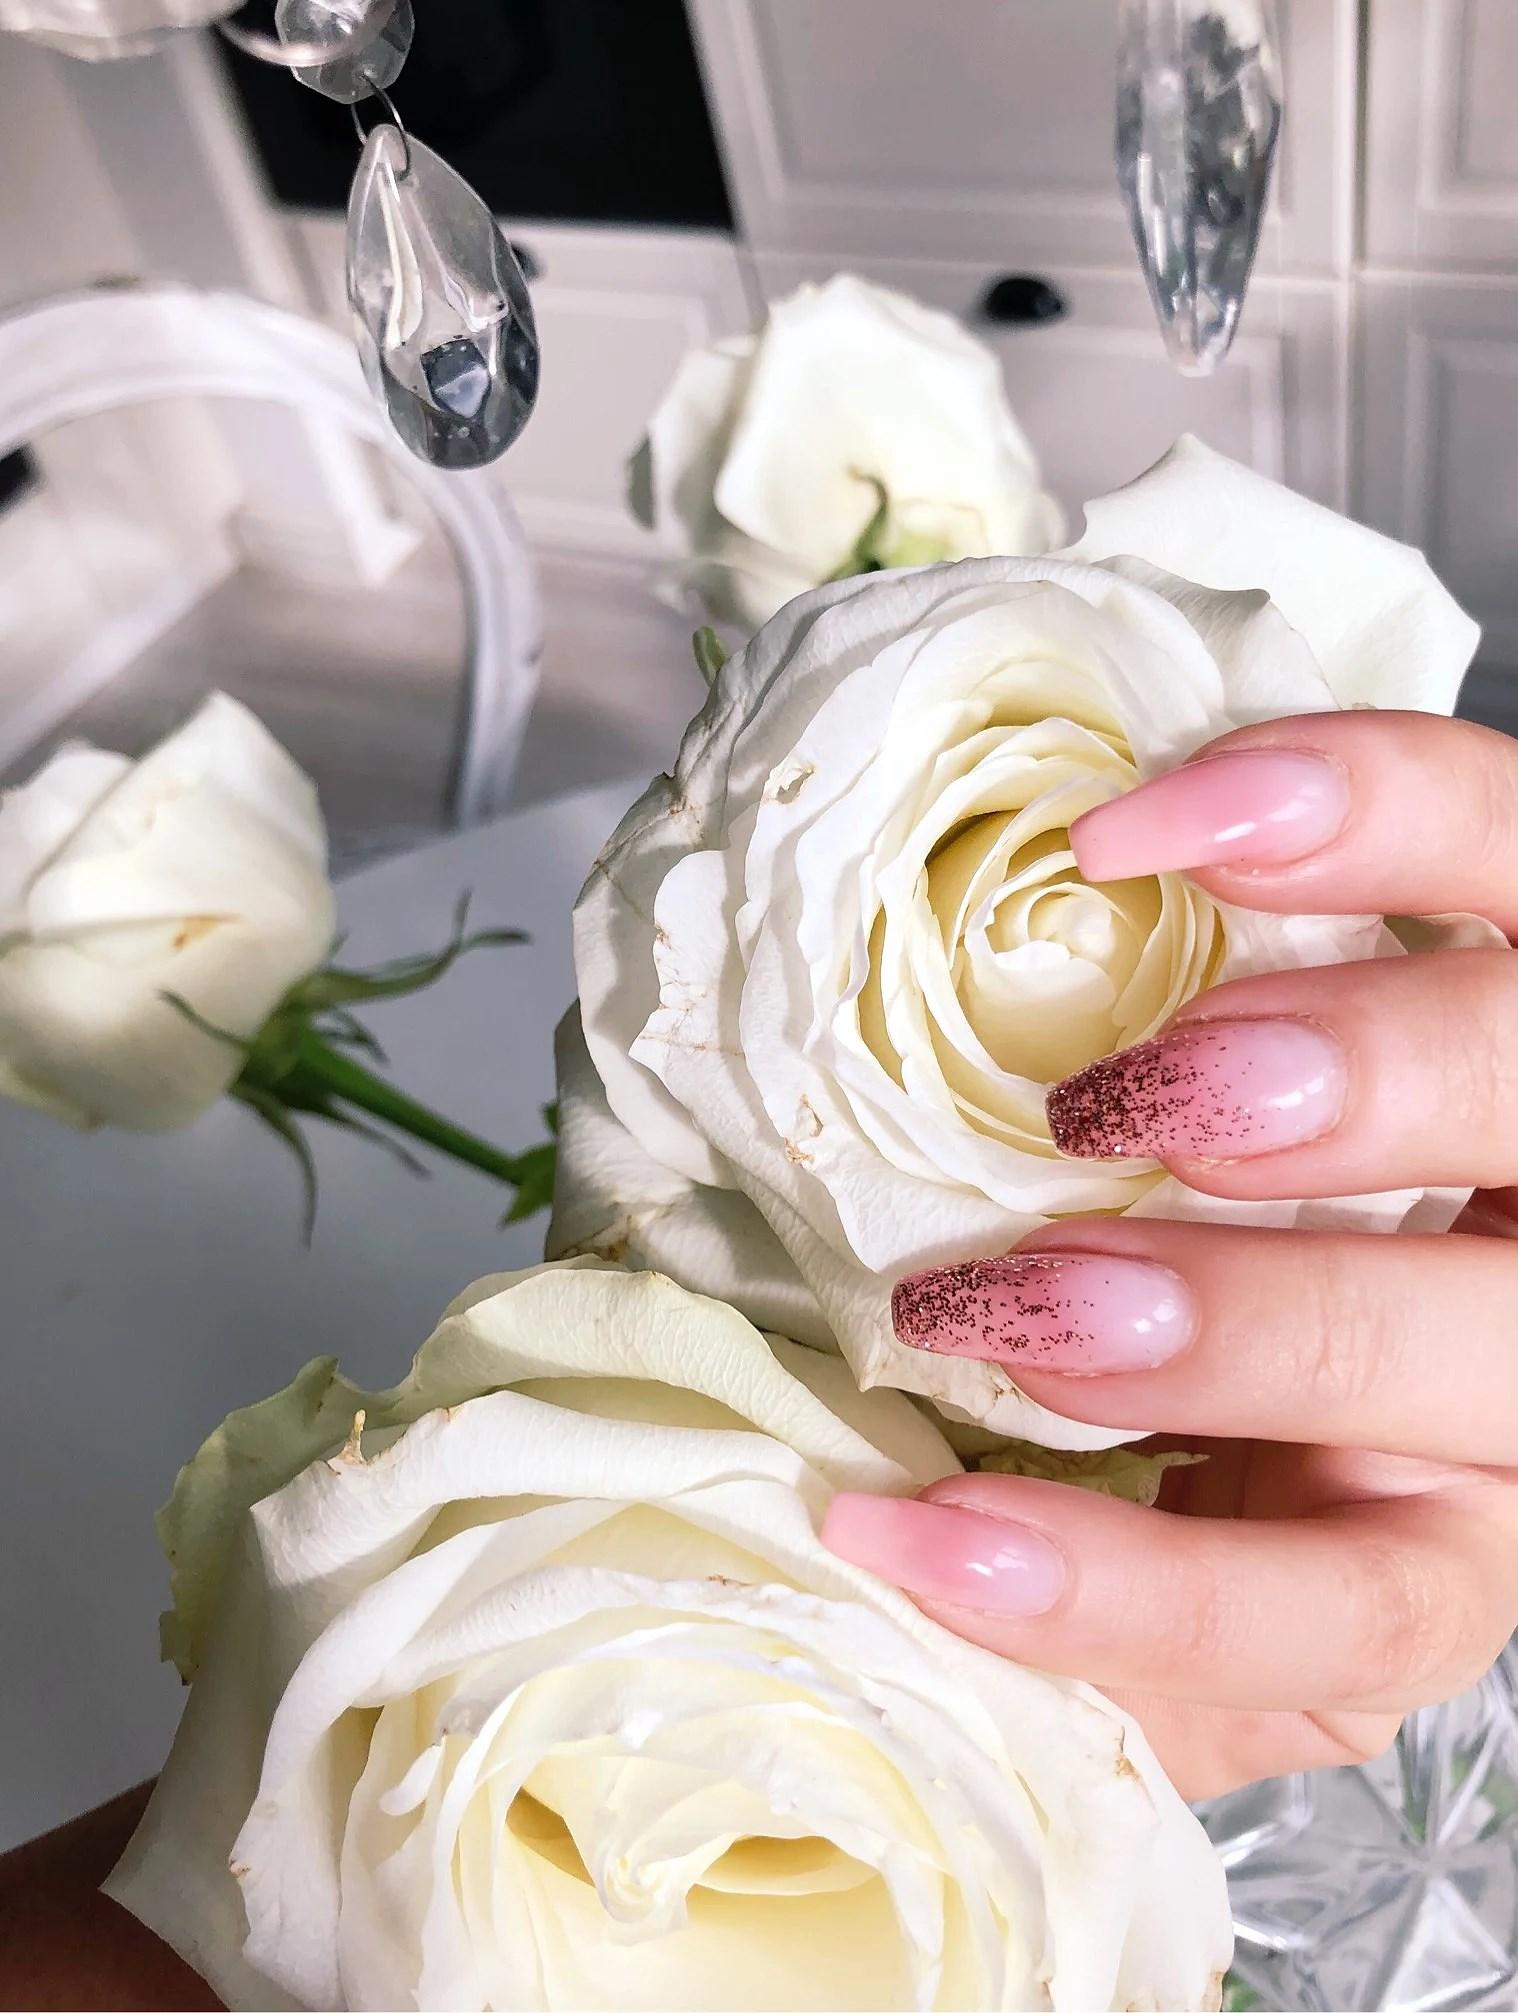 Roses & Nails